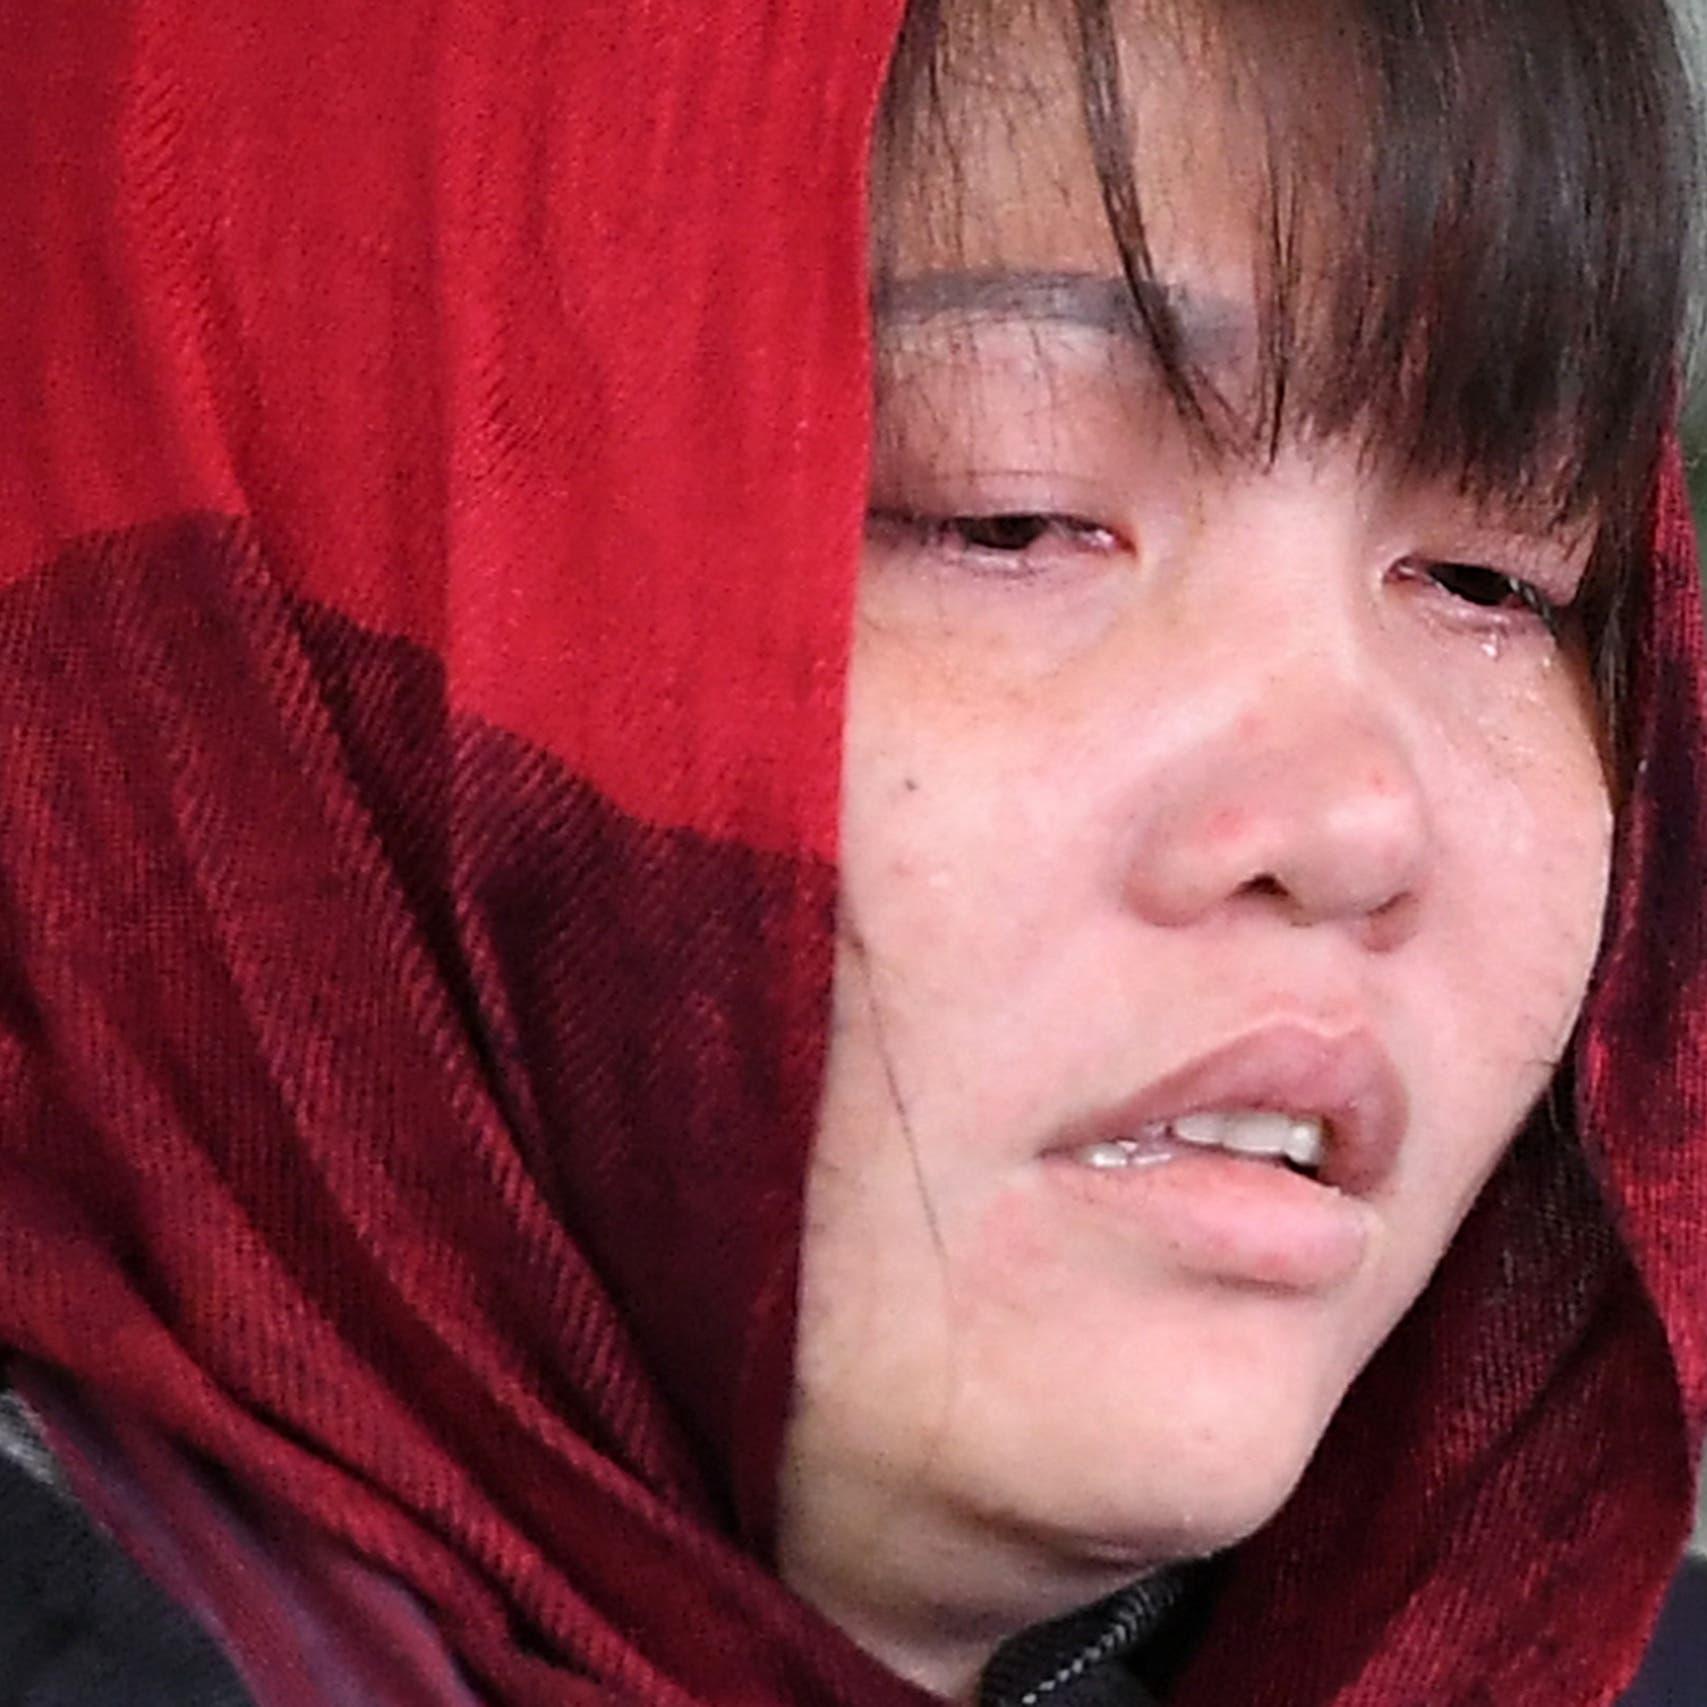 فيتنامية اتهمت بقتل الأخ الأكبر لزعيم كوريا الشمالية.. حرة